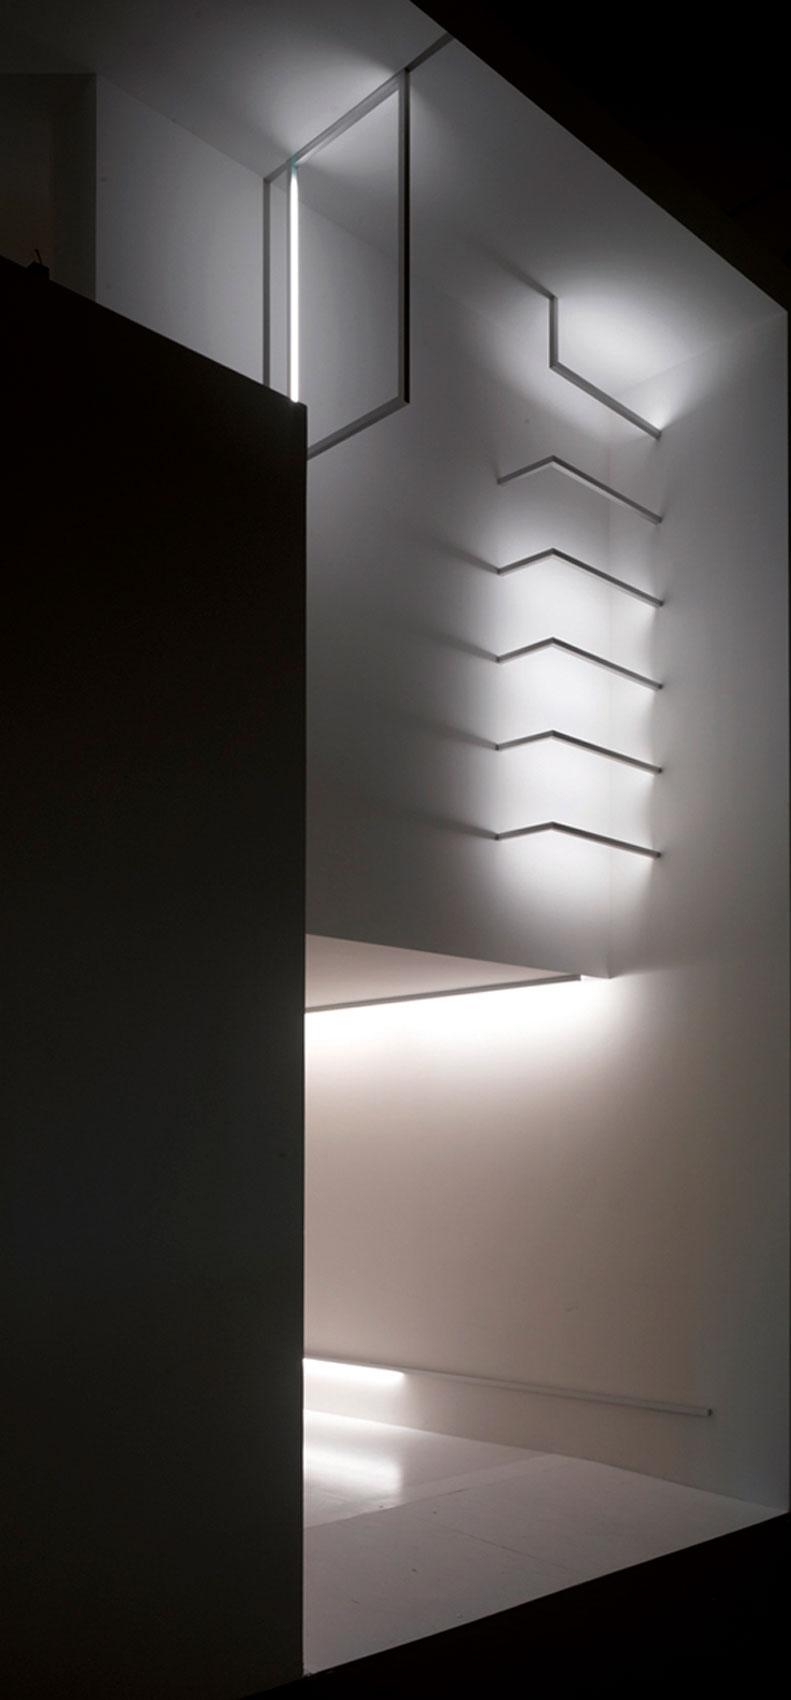 marco-zito-lettere-03